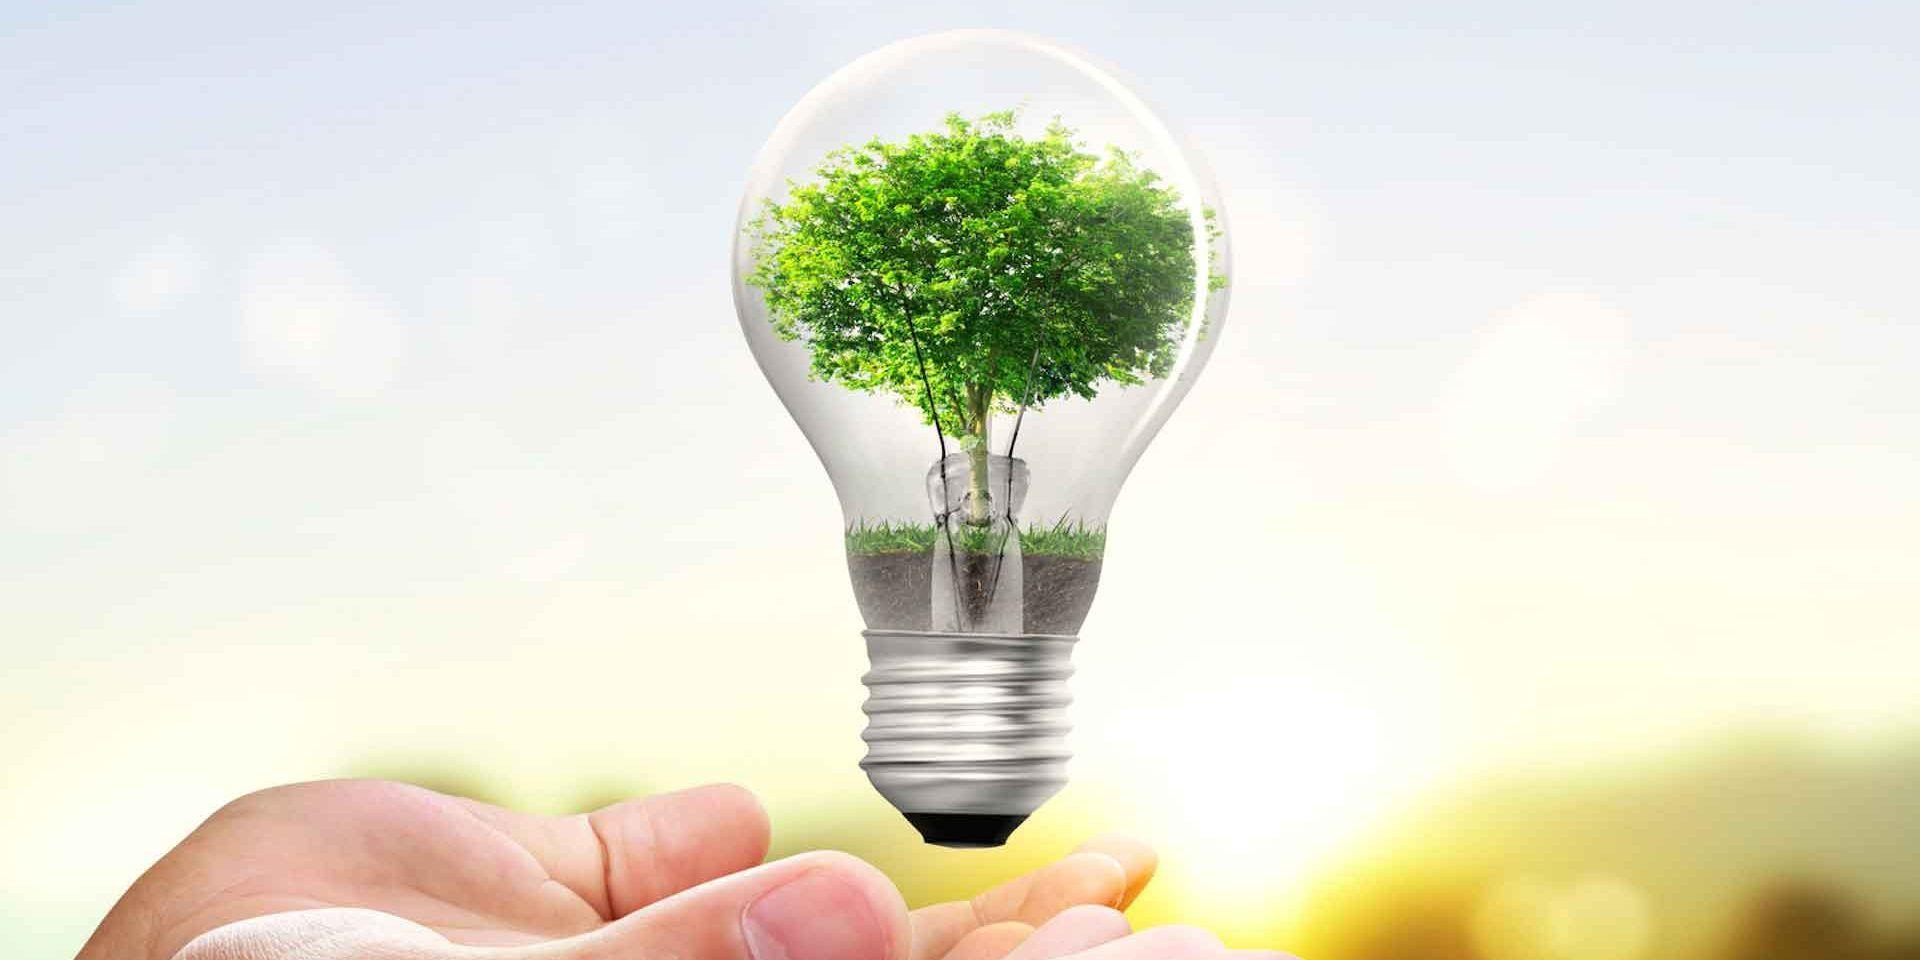 Ahorrar energia en casa simple consejos with ahorrar - Trucos para ahorrar luz ...